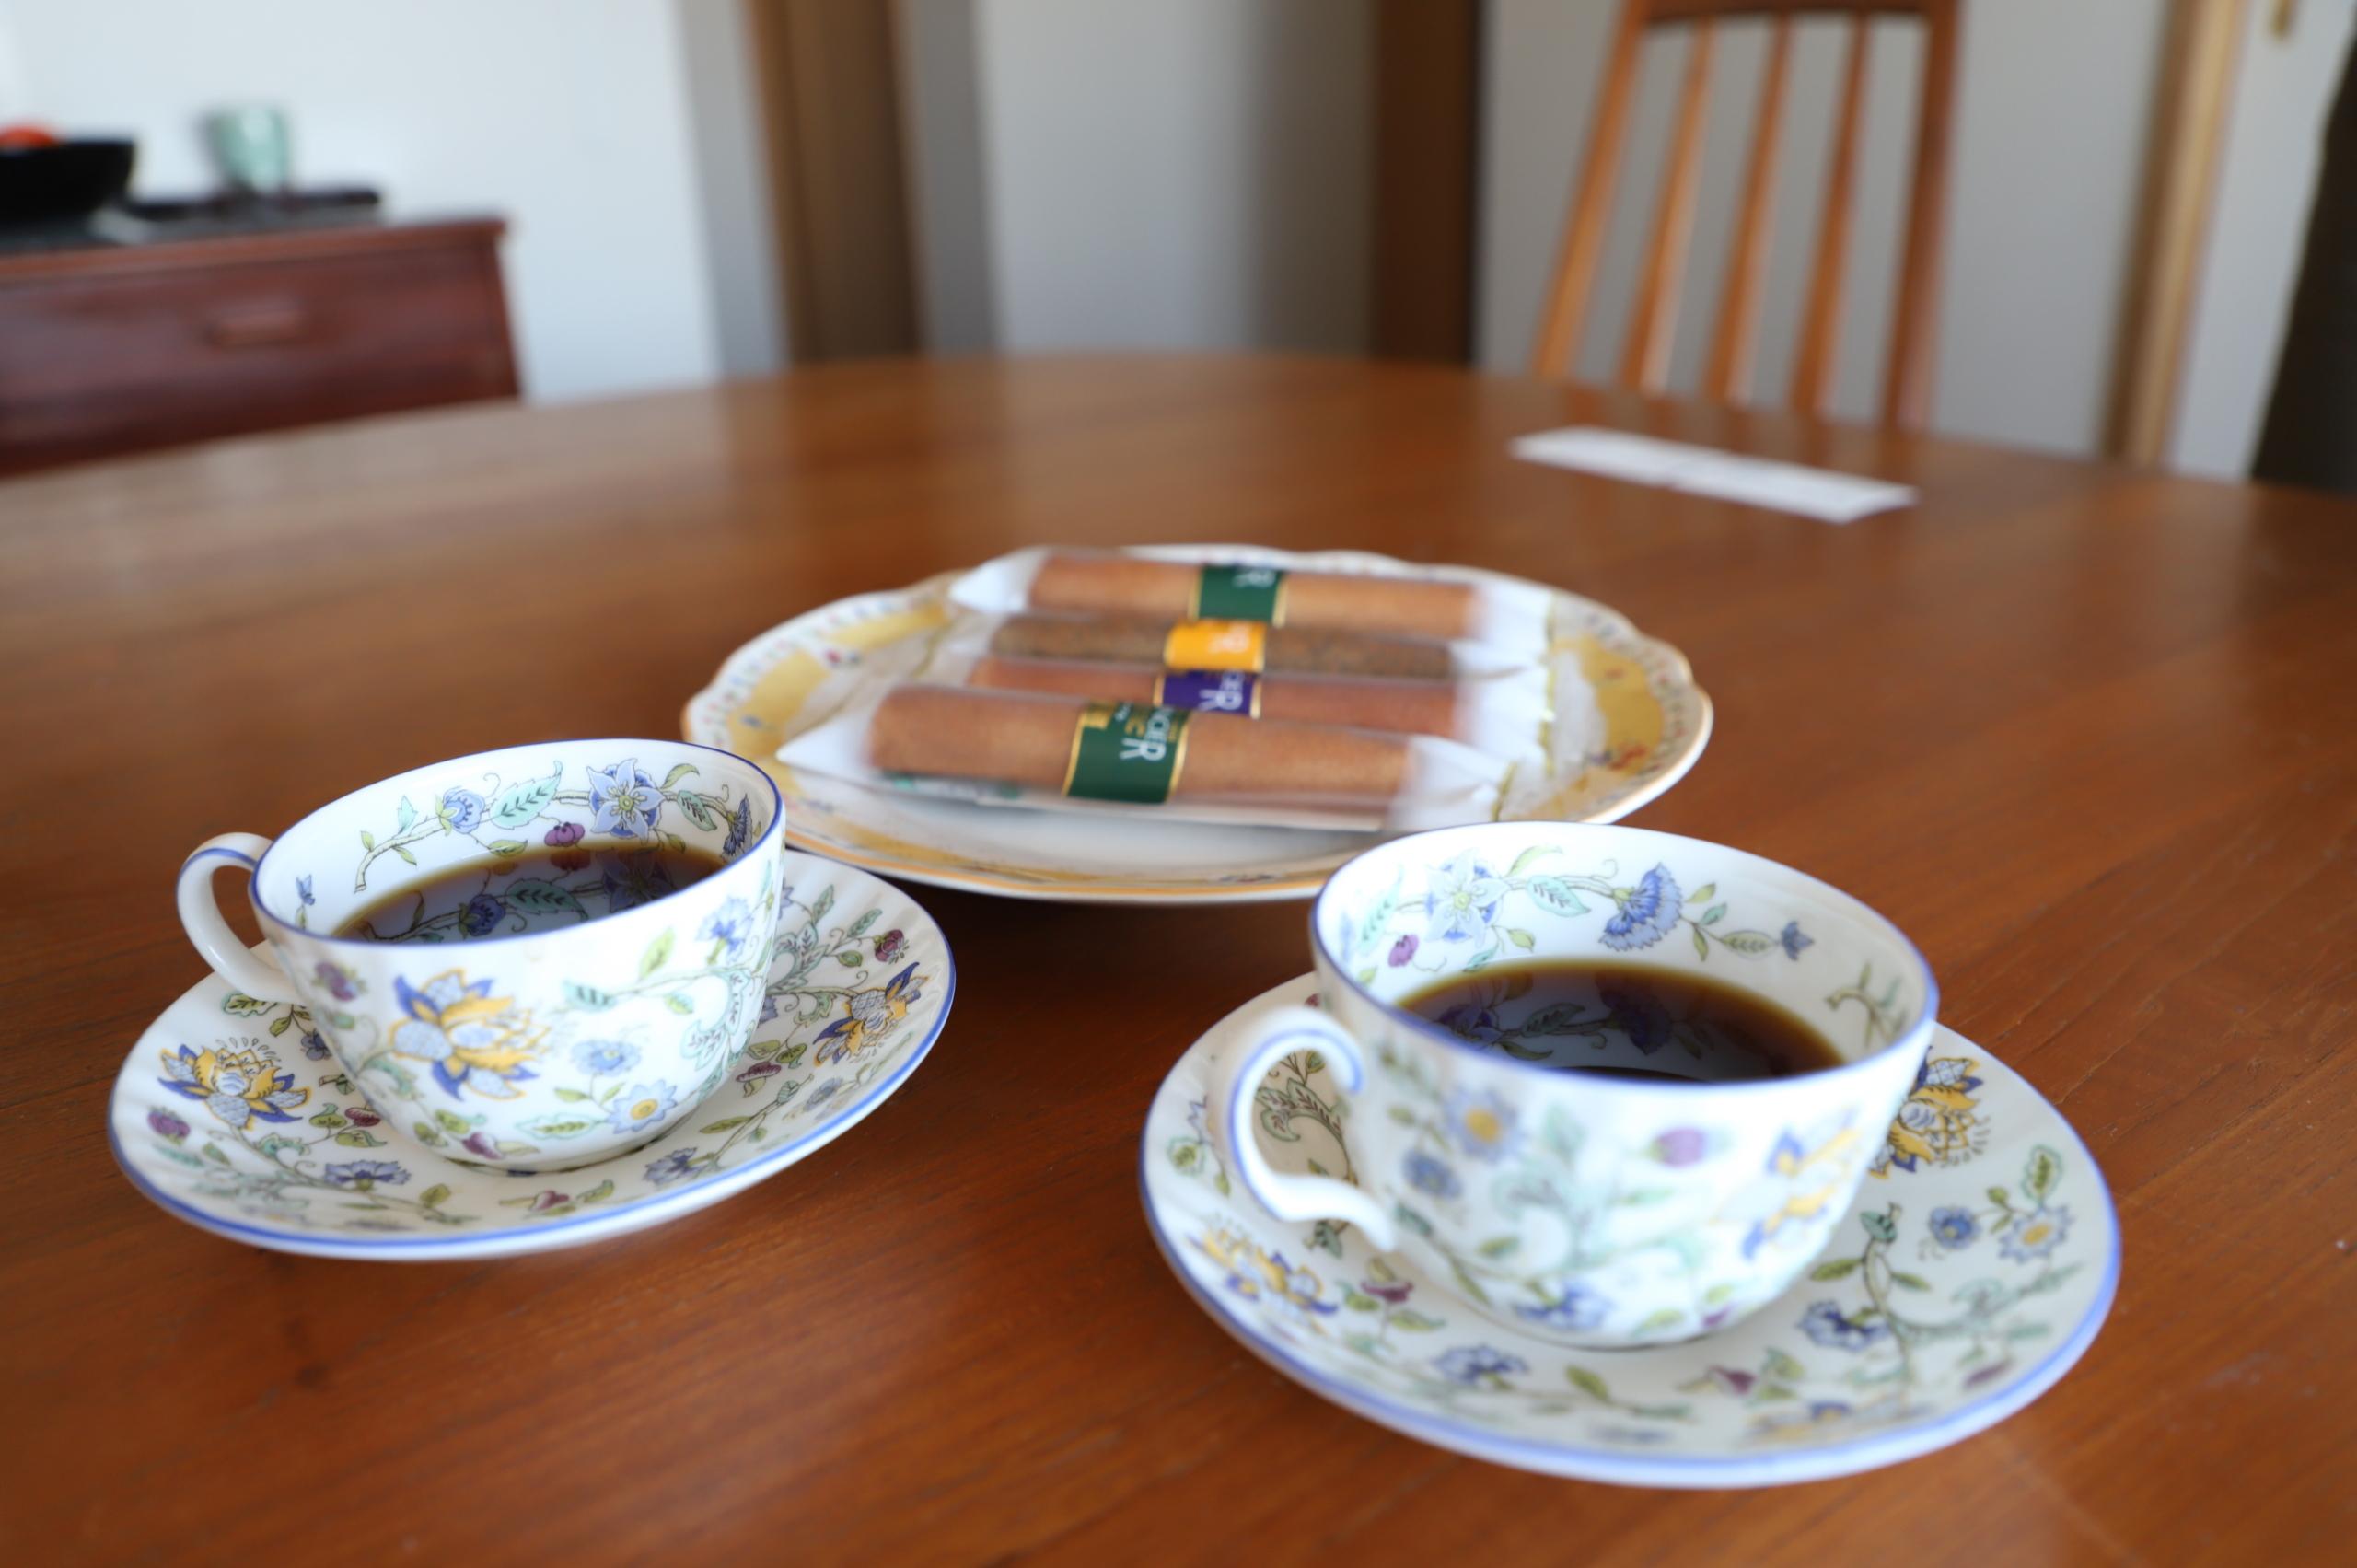 お茶を出していただいたコーヒーカップ、お皿も懸賞の当選品。